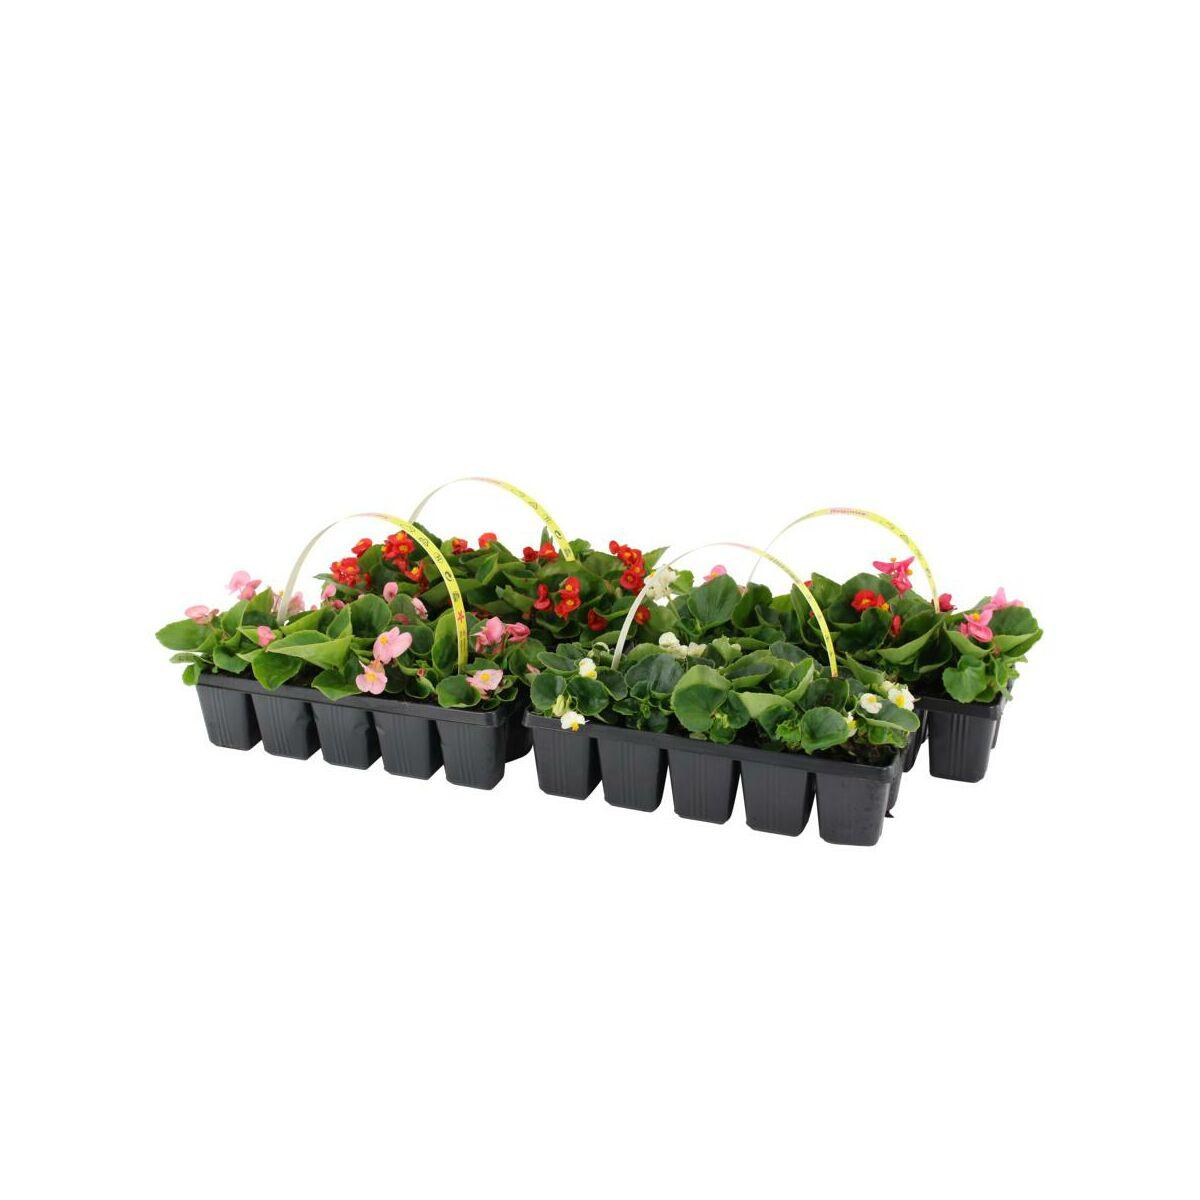 Begonia Mix 10 15 Cm 10 Pak Kwiaty Balkonowe I Ogrodowe W Atrakcyjnej Cenie W Sklepach Leroy Merlin